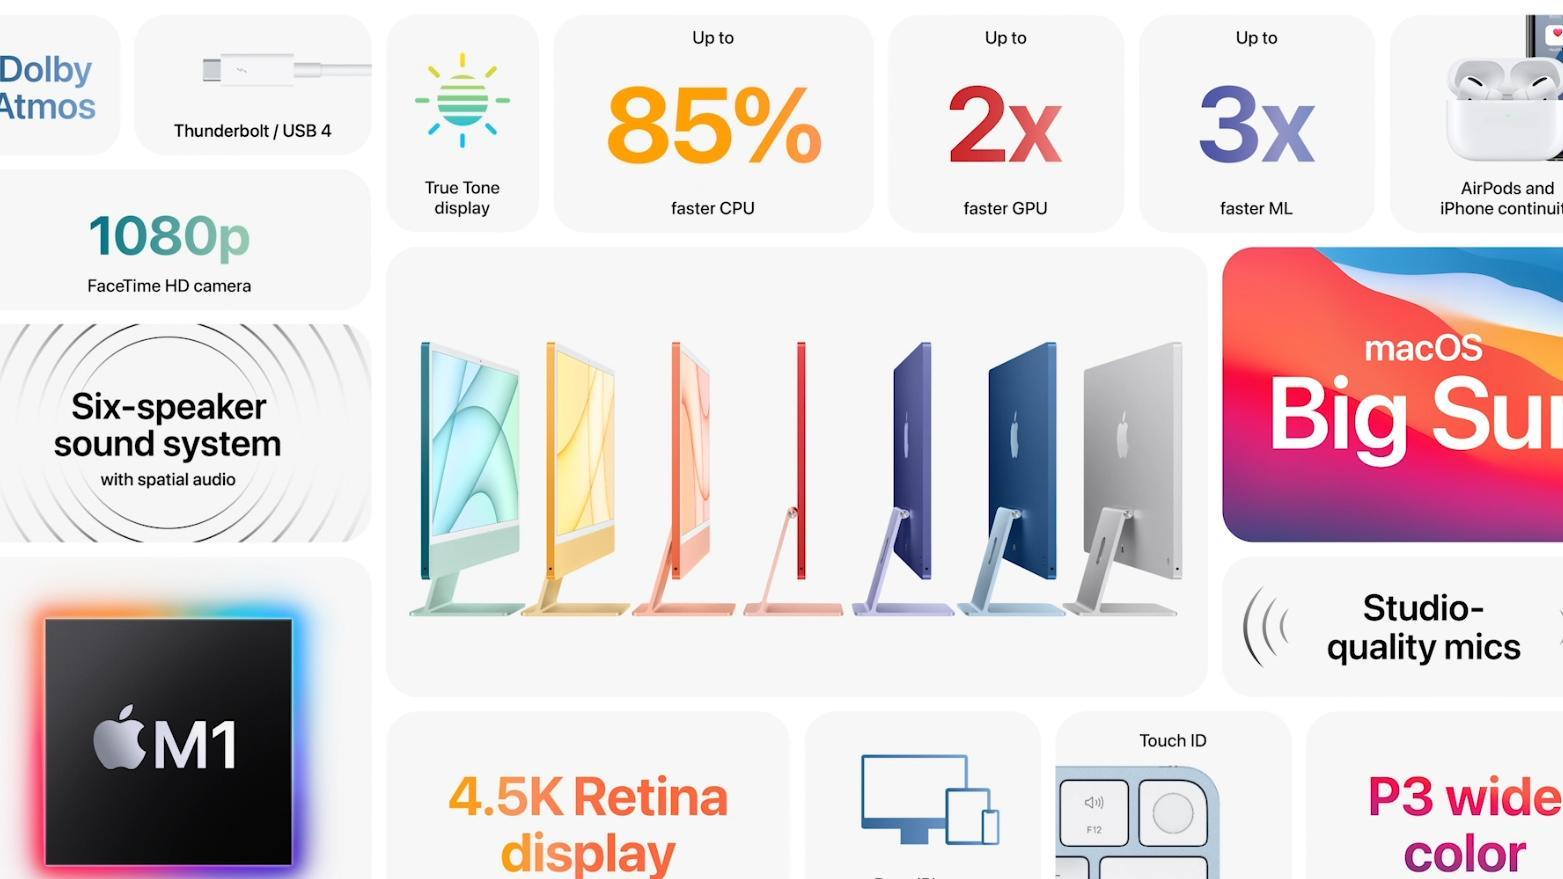 Slik oppsummerer Apple sin nye iMac 24